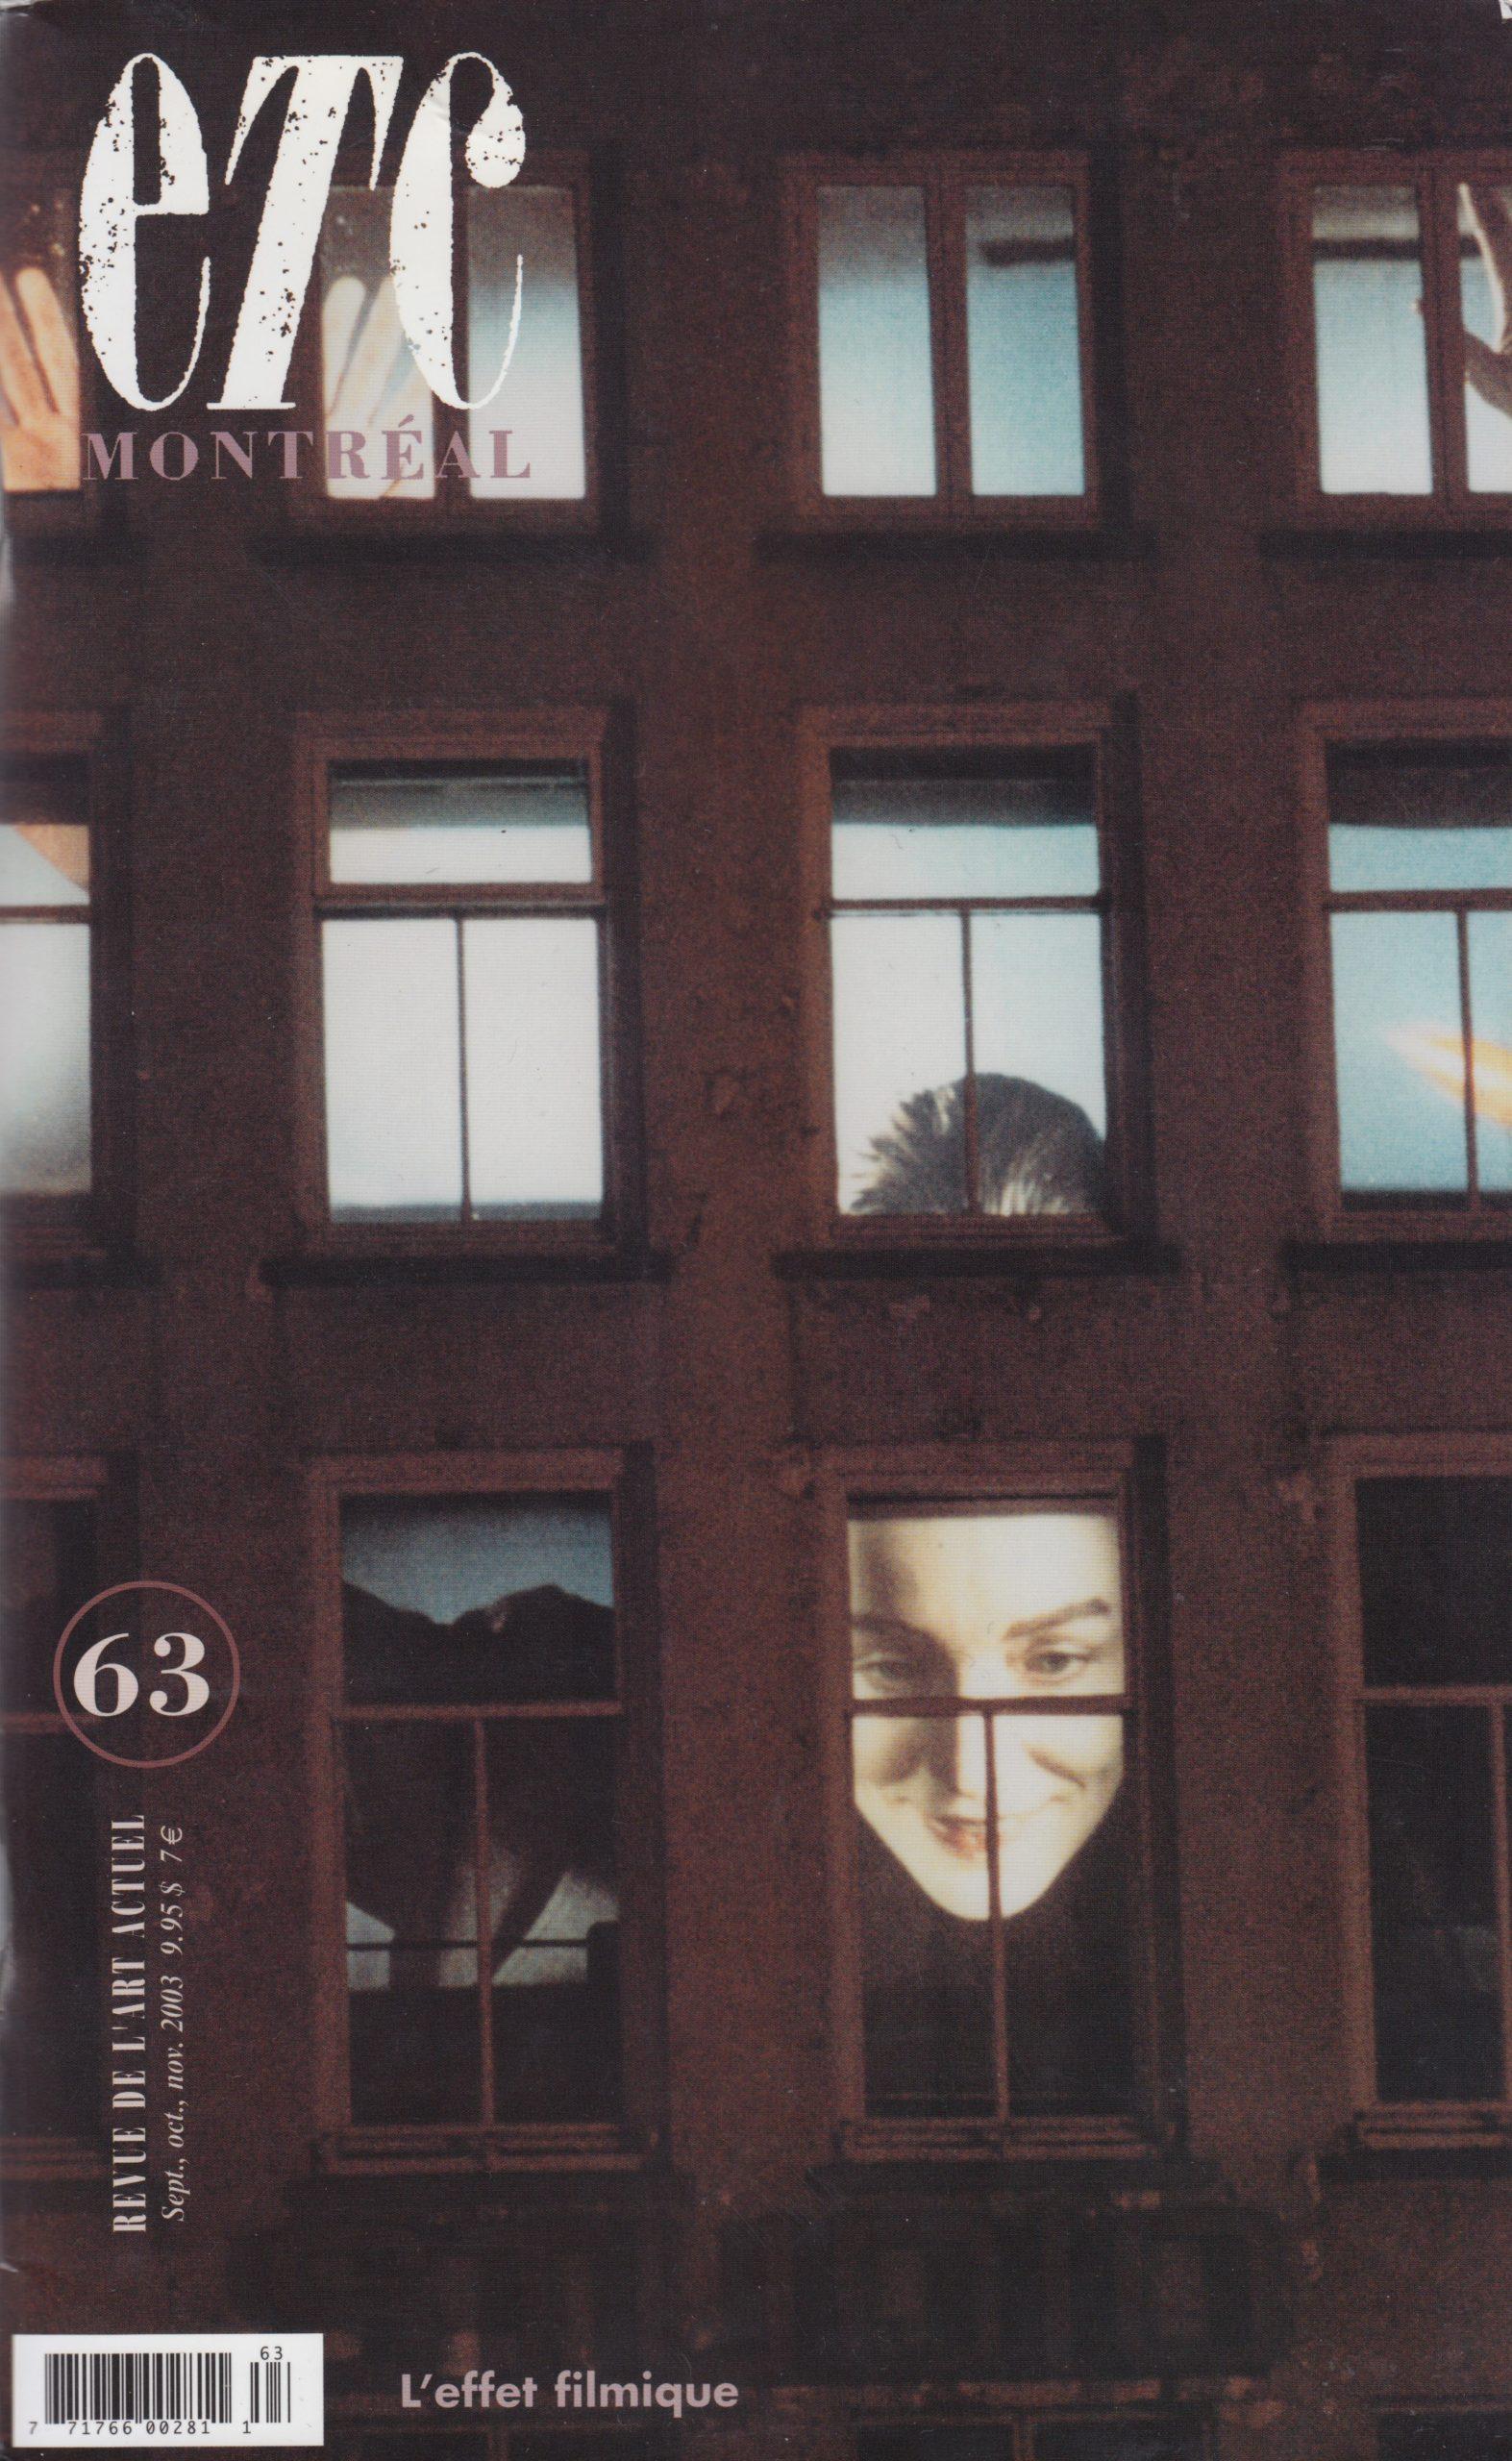 Vidéo et figures de la réappropriation, Joanne Lalonde, Revue ETC Montréal, no 63, 2003